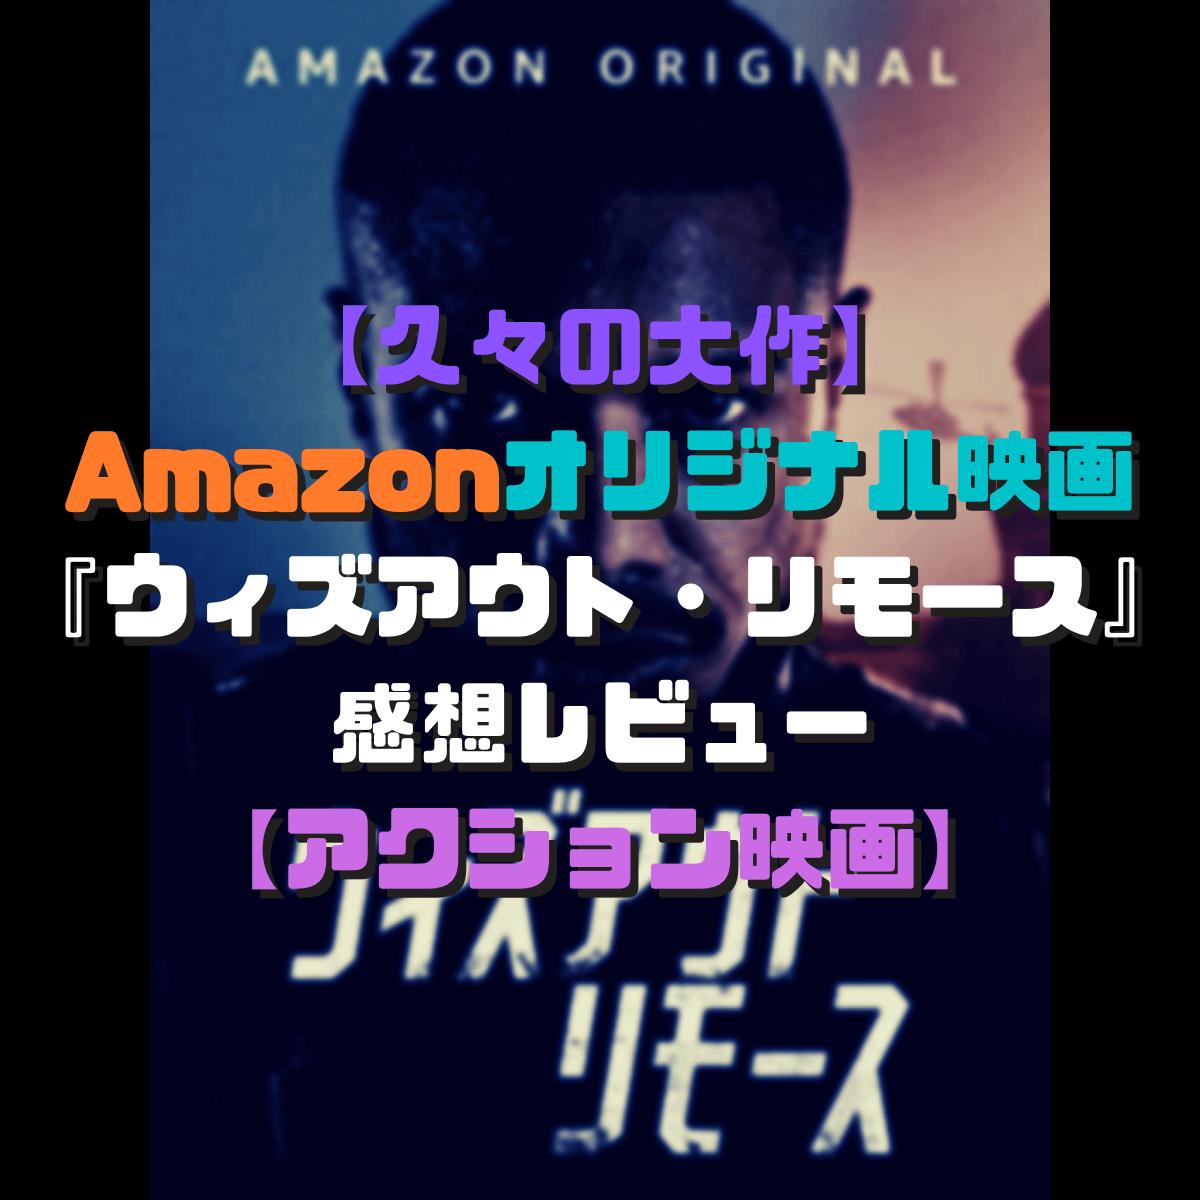 【久々の大作】 Amazonオリジナル映画 『ウィズアウト・リモース』 感想レビュー 【アクション映画】